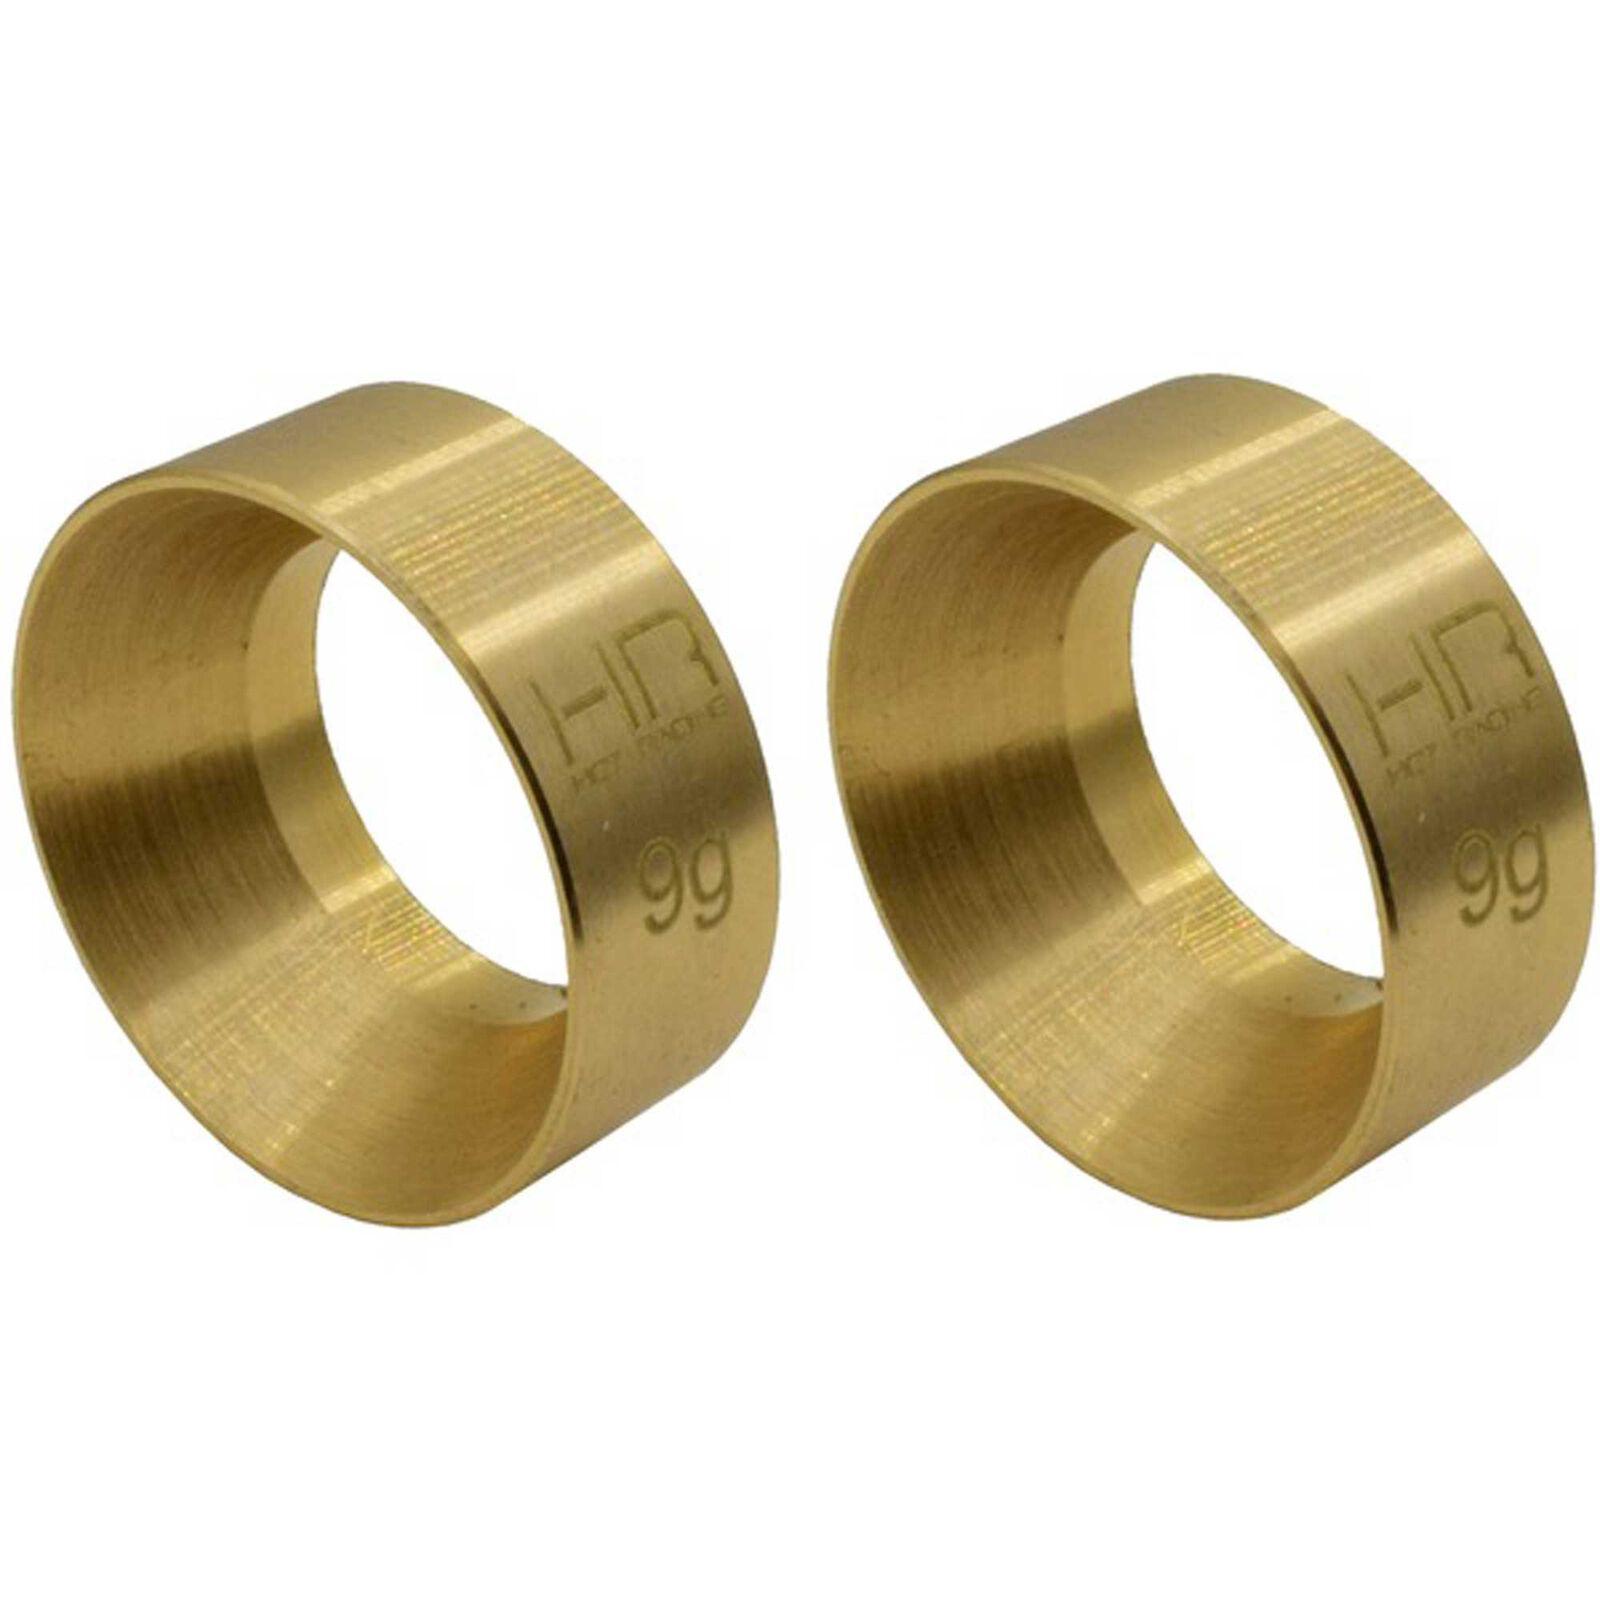 9g Brass KMC Machete Wheel Weights: SCX24